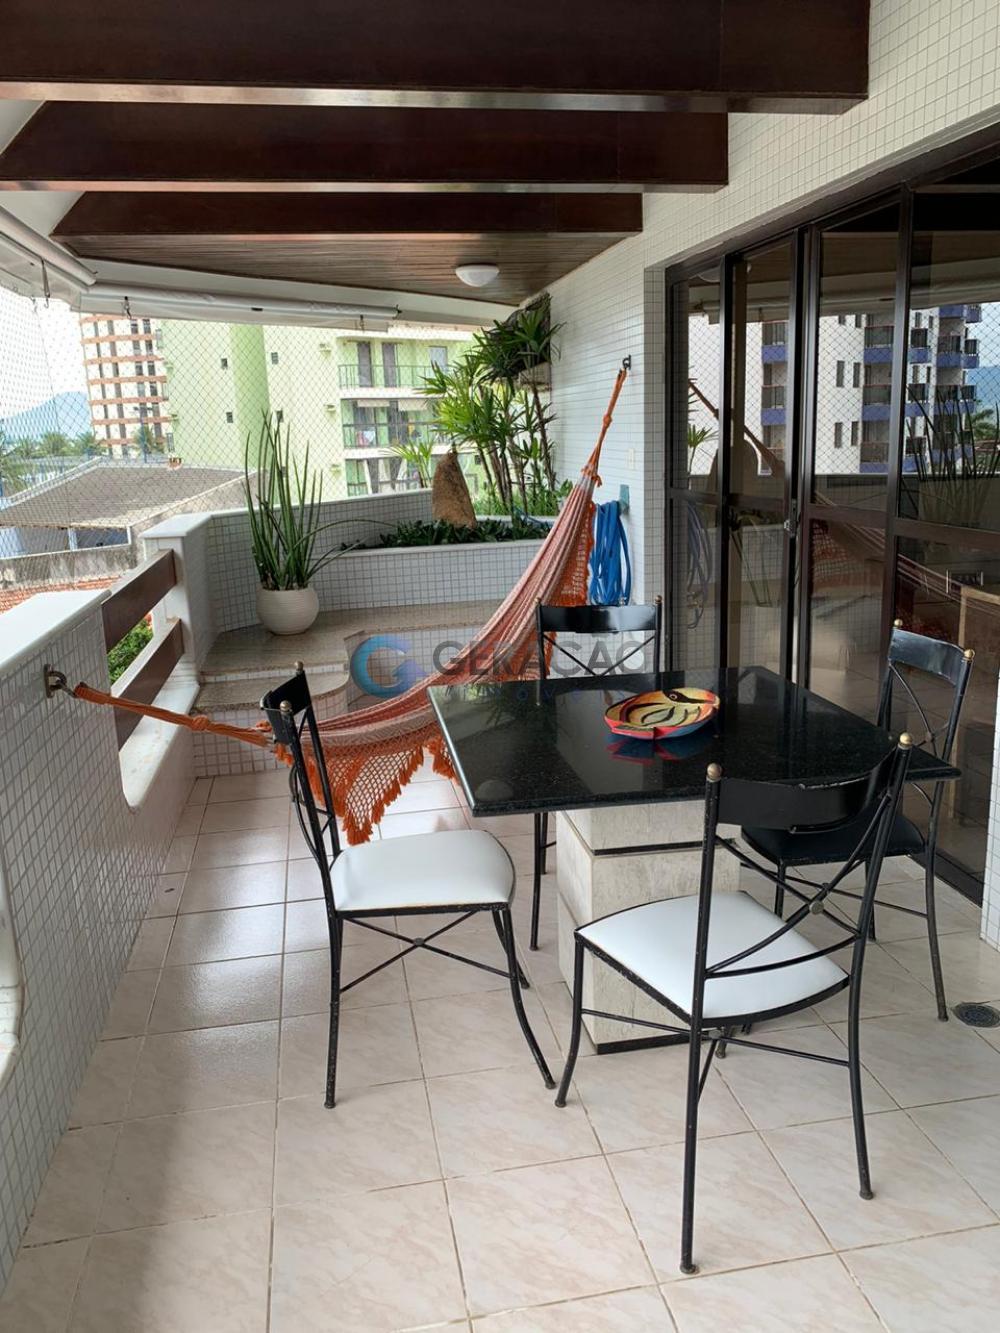 Comprar Apartamento / Padrão em Caraguatatuba R$ 1.060.000,00 - Foto 6